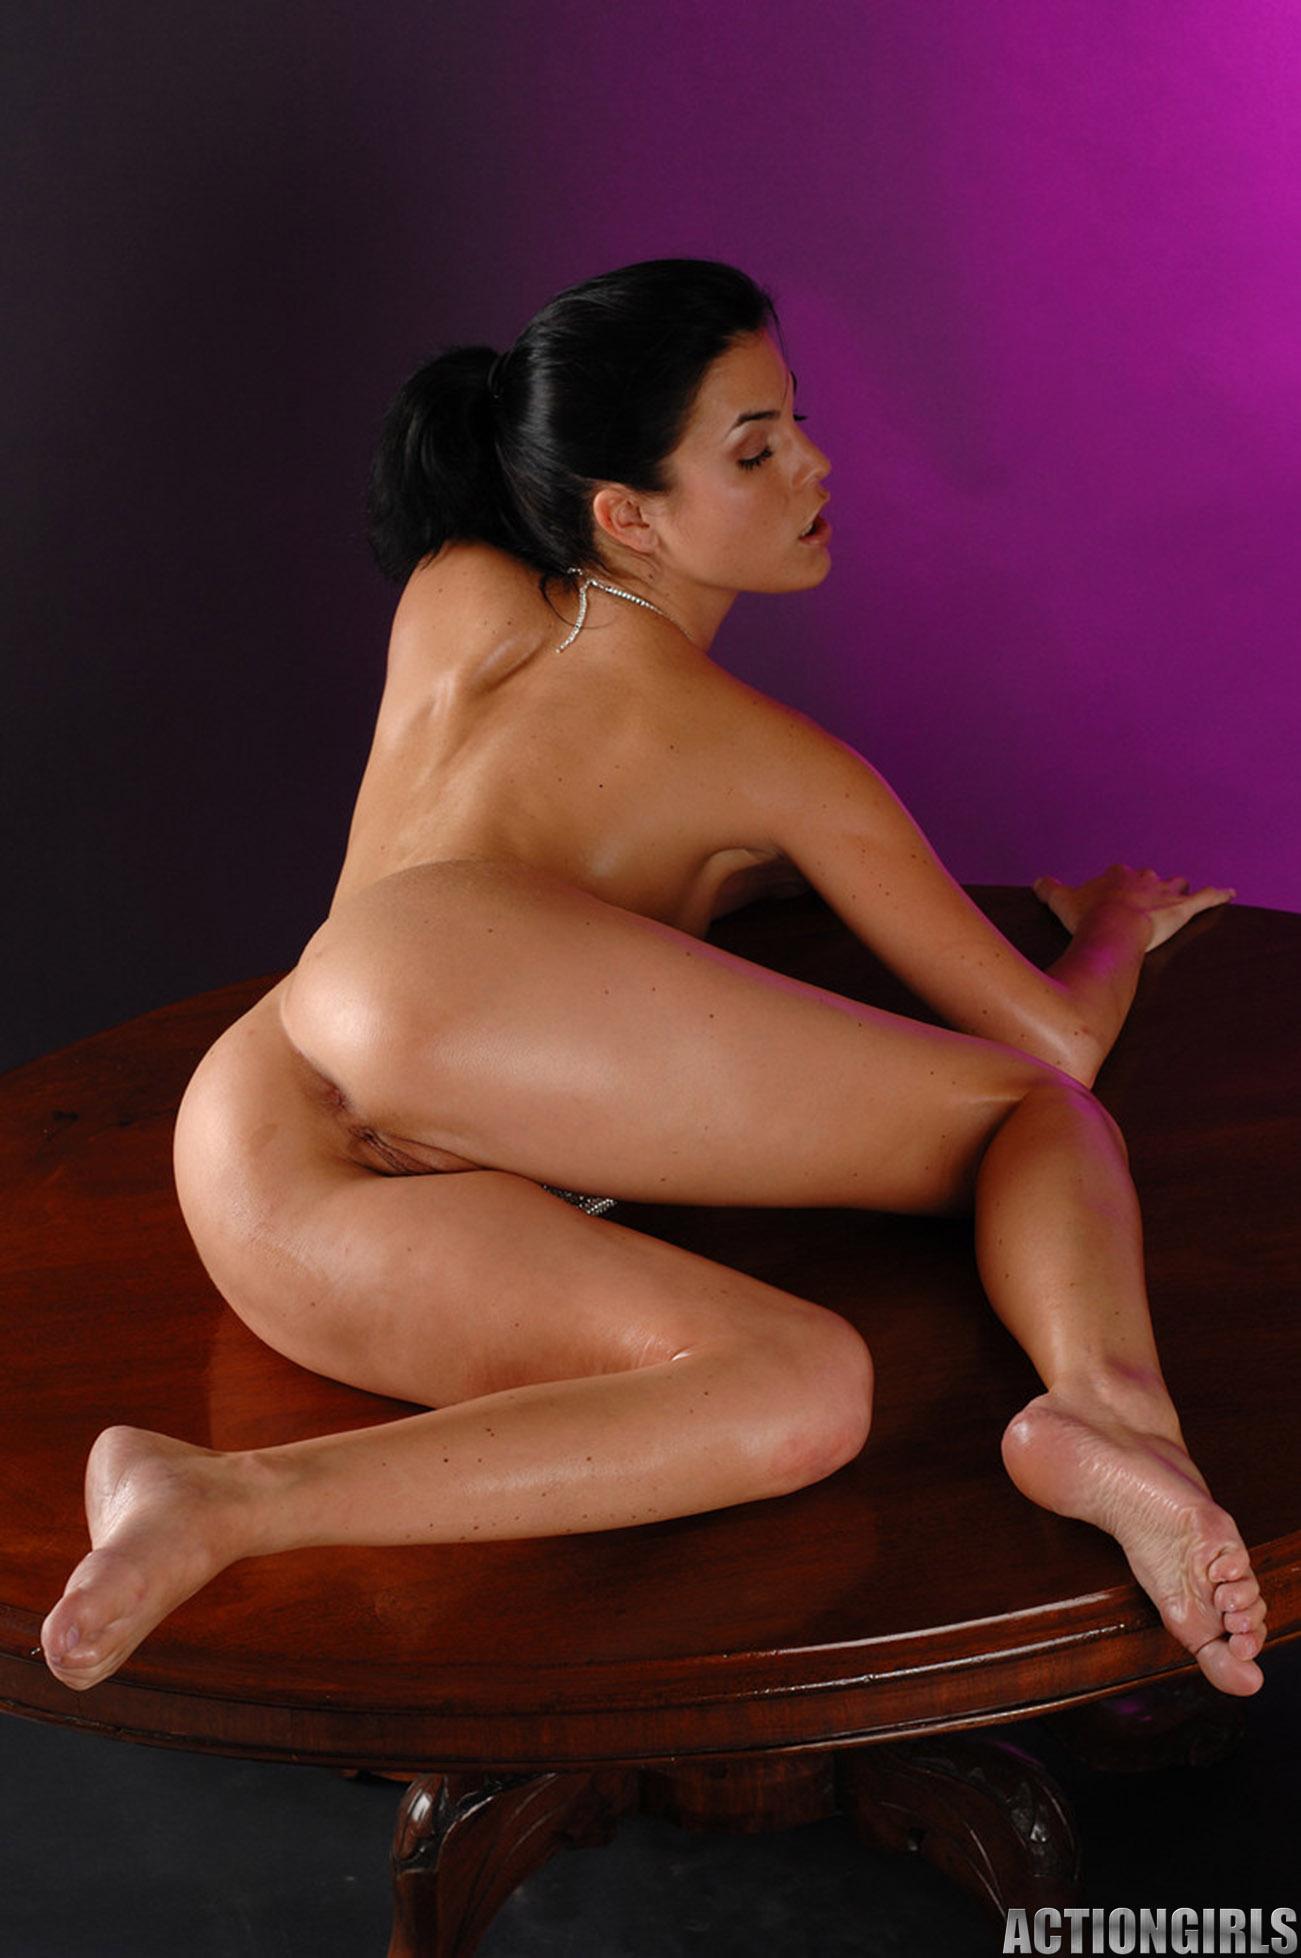 Kate del castillo fake nude